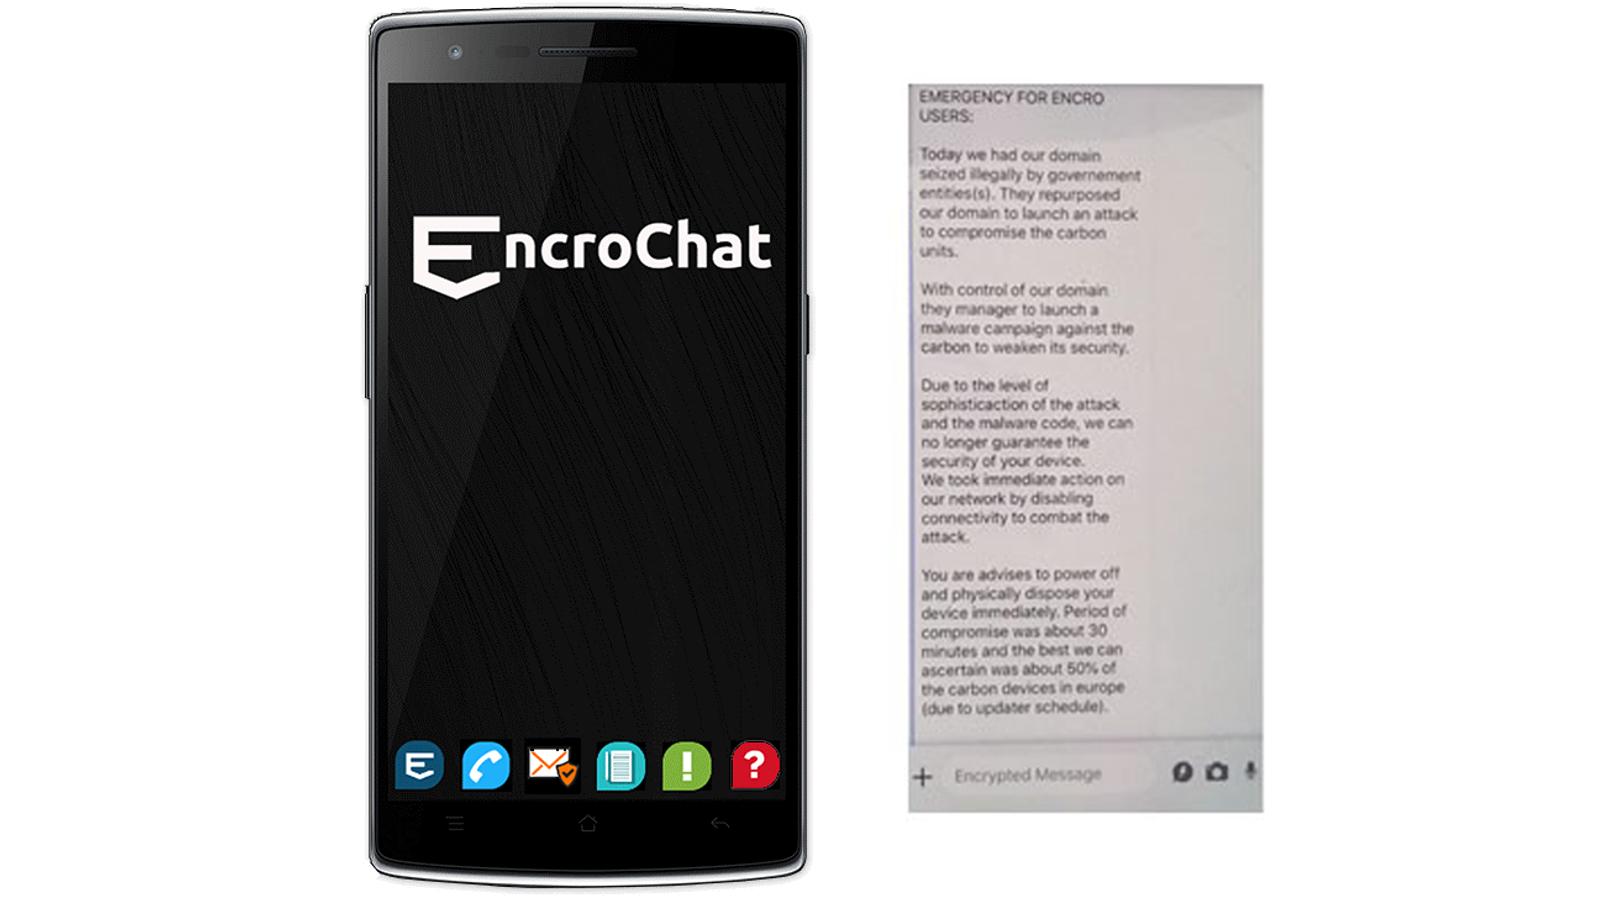 Правоохранители отключили зашифрованный сервис для общения EncroChat